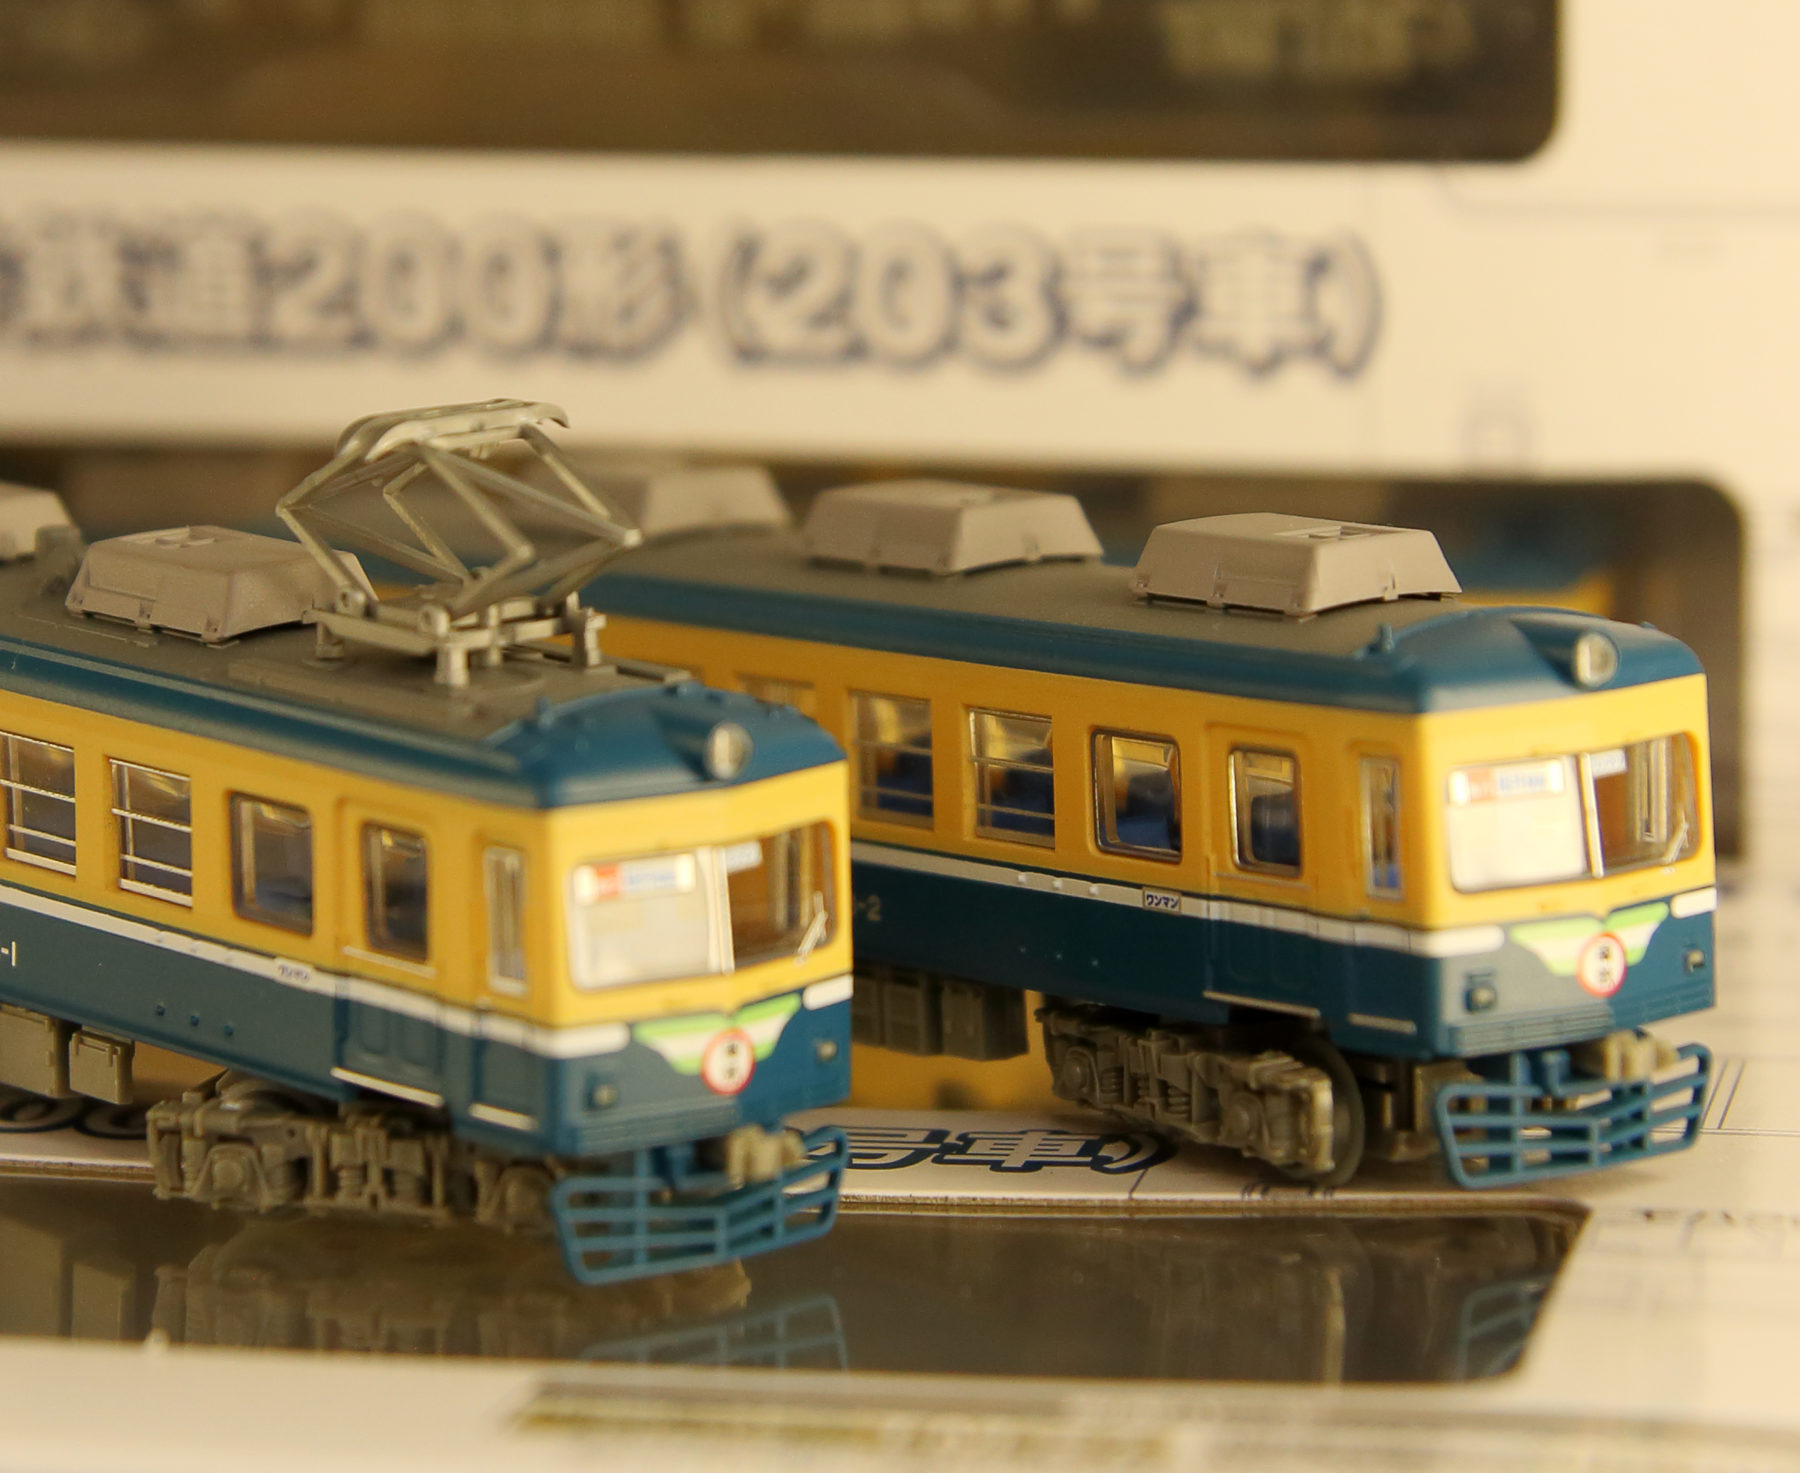 本気過ぎて熱い!! 大人も子どももウェルカムな鉄道模型の世界へようこそ。